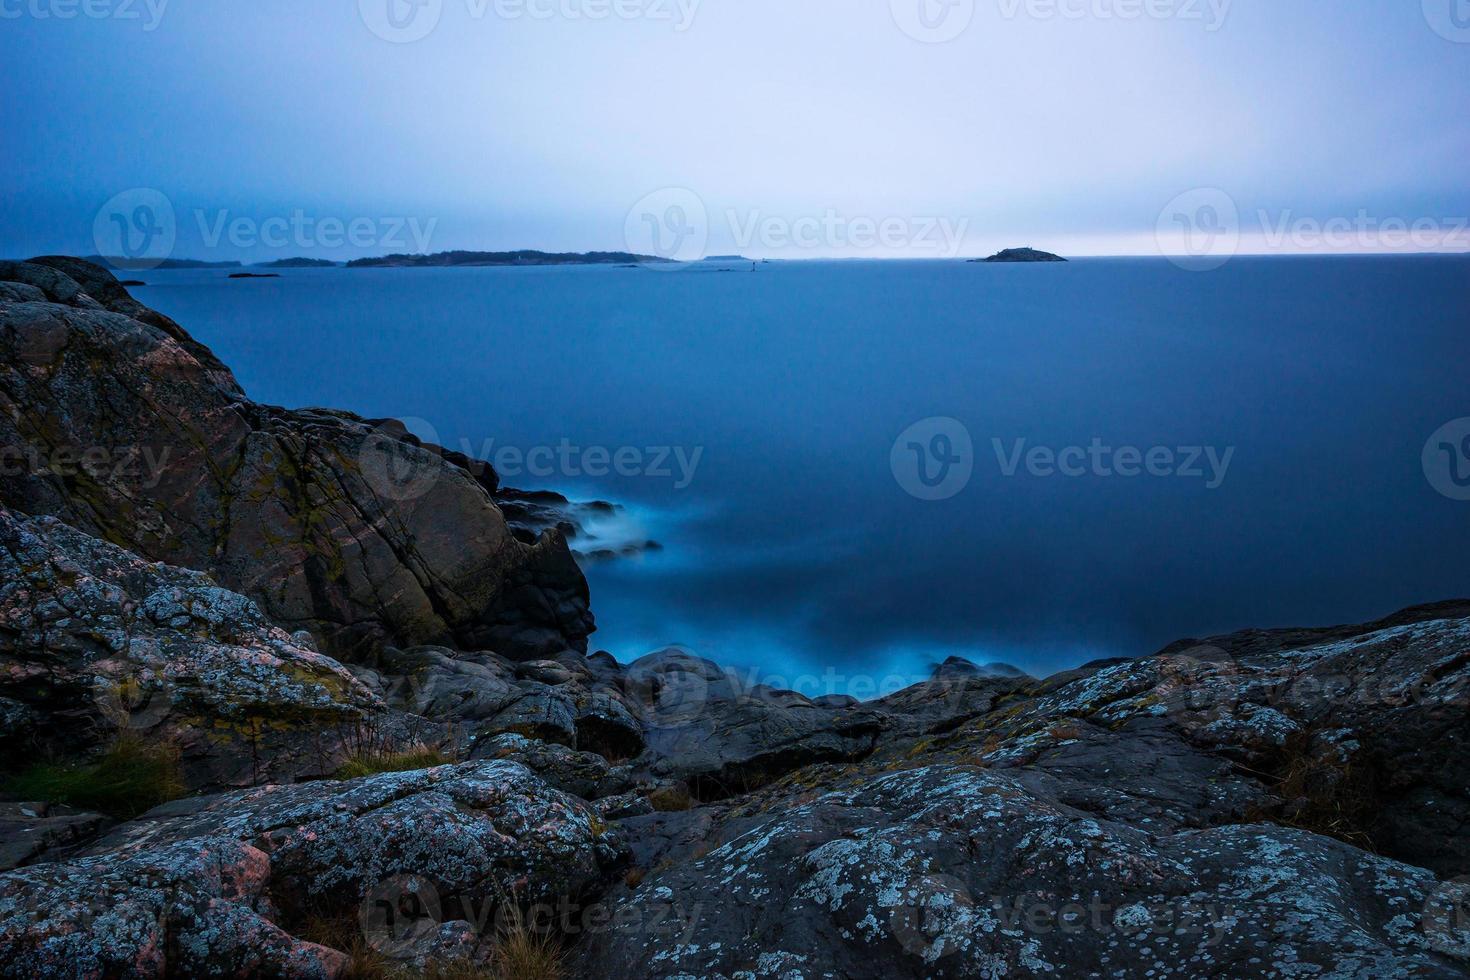 arquipélago amanhecer foto